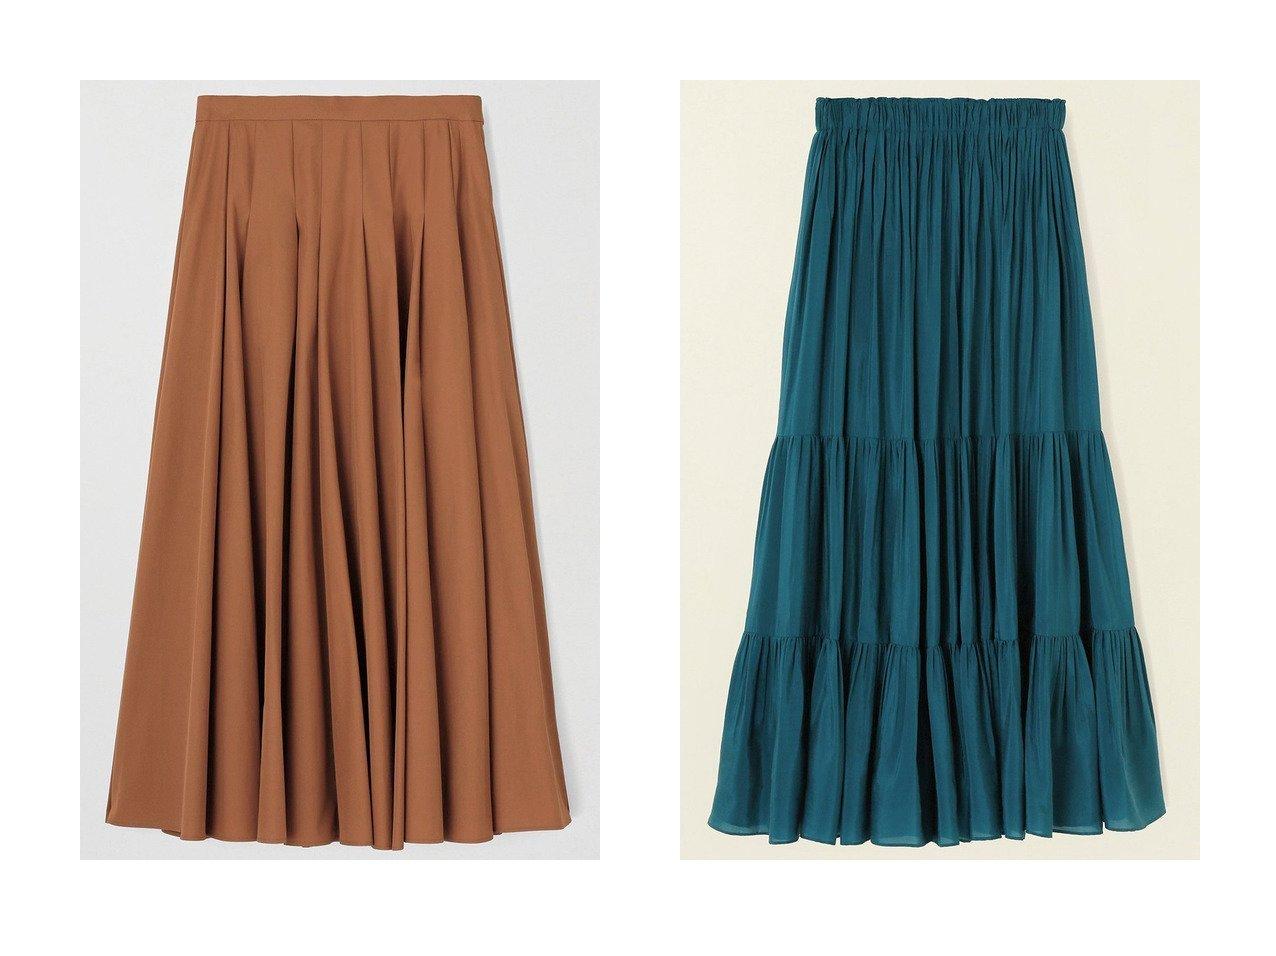 【ANAYI/アナイ】のコンパクトコットンフレア スカート&ライトローンティアードスカート スカートのおすすめ!人気、トレンド・レディースファッションの通販 おすすめで人気の流行・トレンド、ファッションの通販商品 メンズファッション・キッズファッション・インテリア・家具・レディースファッション・服の通販 founy(ファニー) https://founy.com/ ファッション Fashion レディースファッション WOMEN スカート Skirt ティアードスカート Tiered Skirts ロングスカート Long Skirt Aライン/フレアスカート Flared A-Line Skirts 2021年 2021 2021 春夏 S/S SS Spring/Summer 2021 S/S 春夏 SS Spring/Summer ギャザー ティアードスカート プリーツ ミックス ロング 春 Spring |ID:crp329100000023896